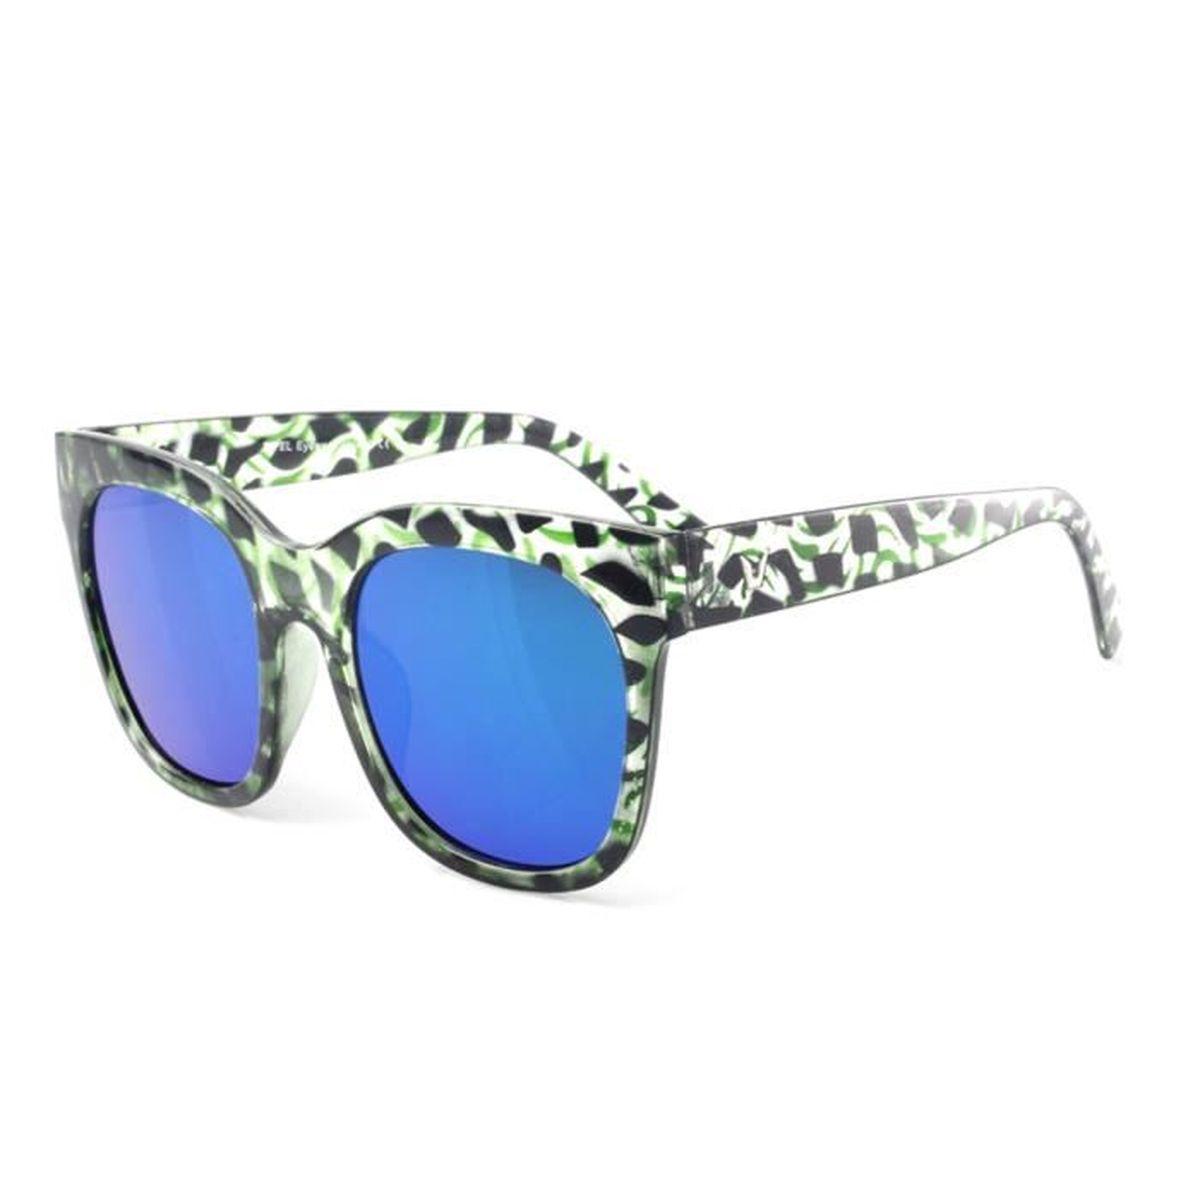 Accessoryo - surdimensionnées impression abstraite clair vert lunettes de soleil cadre des femmes avec des verres miroir Ek6ATSl0